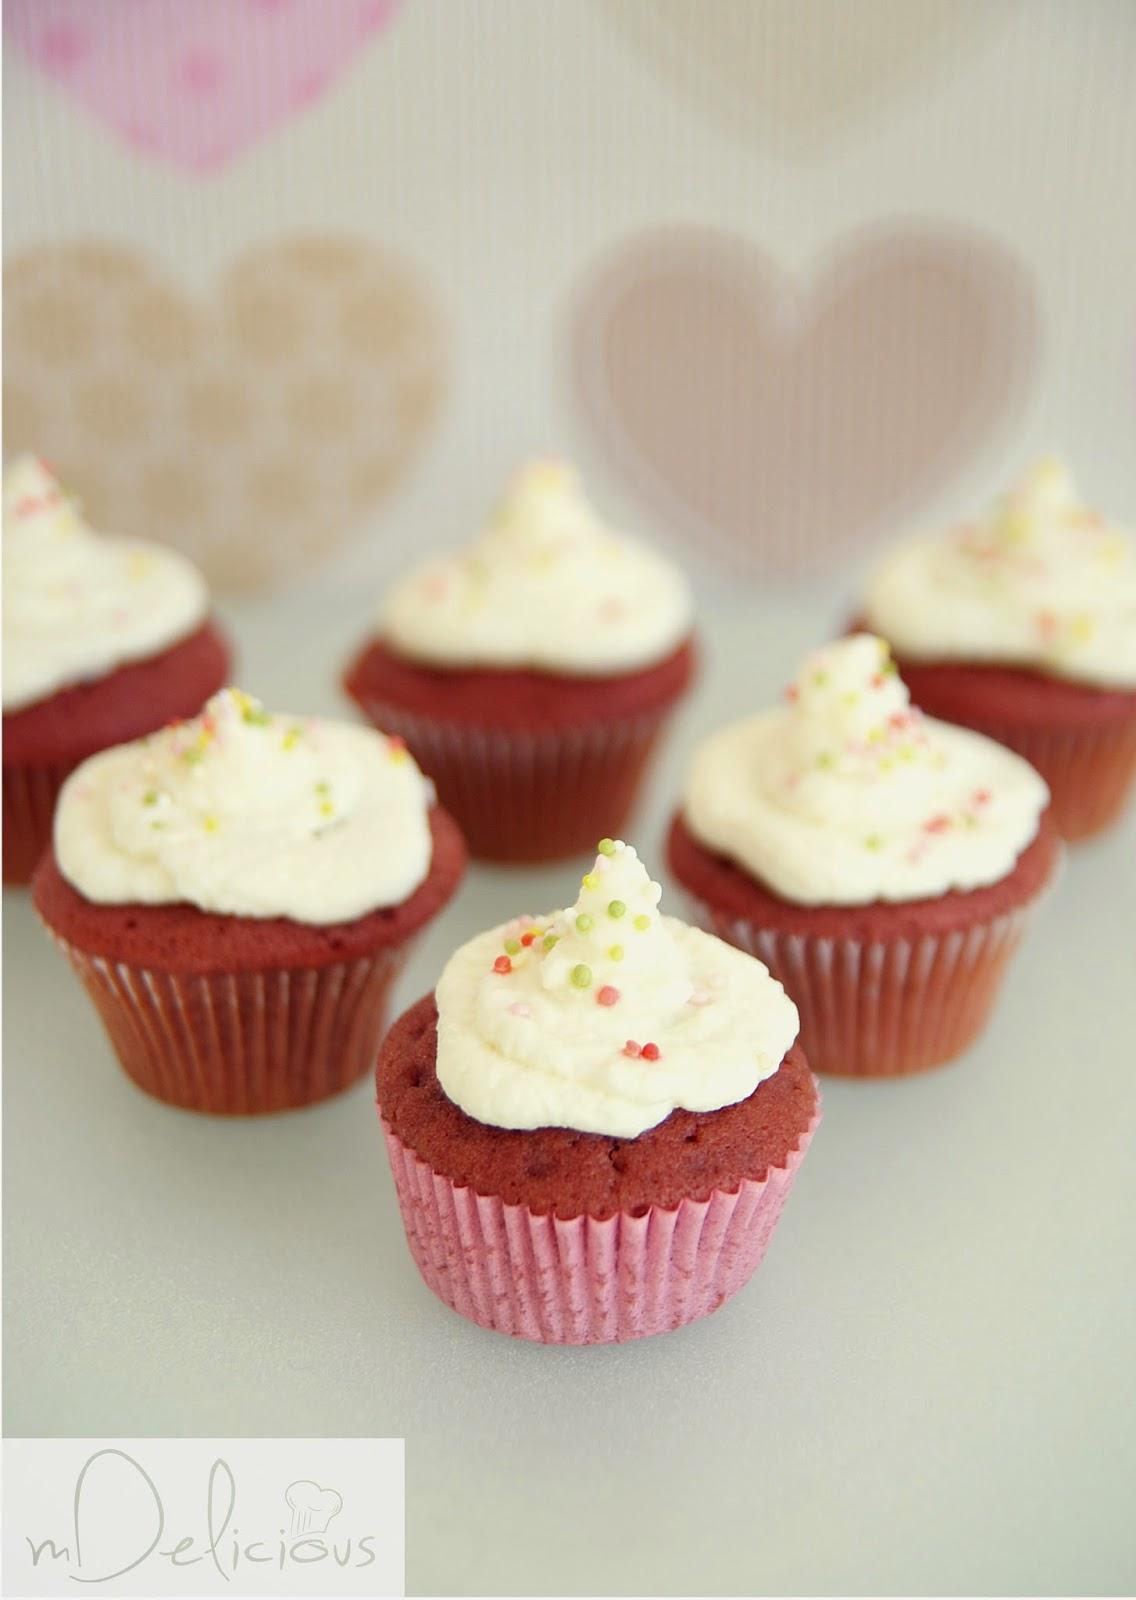 mini babeczki, mini muffinki, muffinki, babeczki, mini cupcakes, mini babeczki przepis, przepis na mini babeczki, red velvet, czerwone babeczki, walnetynkowe przepisy, walentynkowe babeczki, babeczki na walentynki, muffinki na walentynki